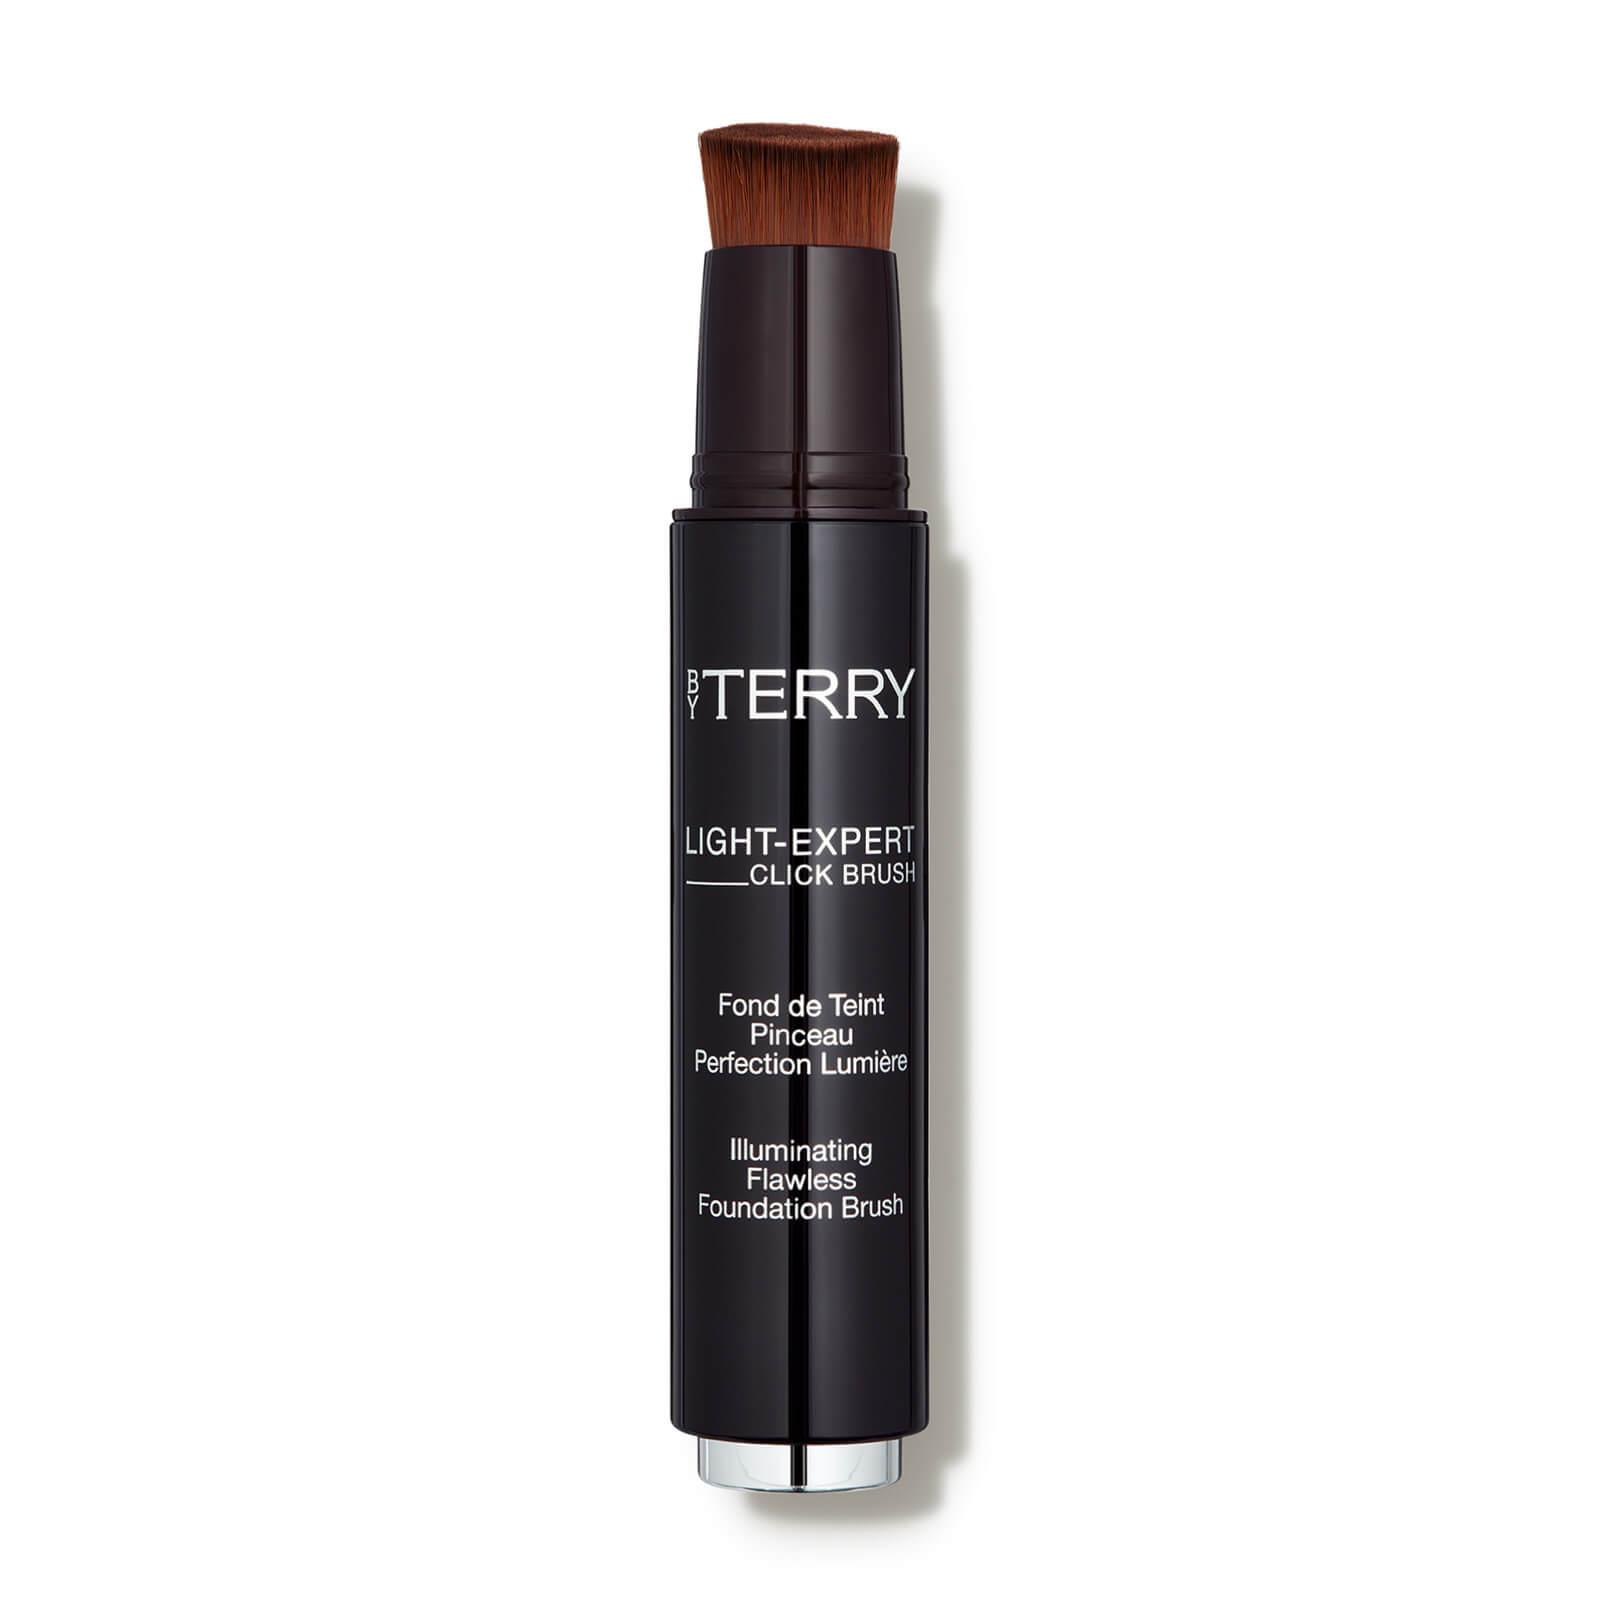 By Terry Light-Expert Click Brush Foundation 19,5 ml (verschiedene Farbtöne) - 4.5. Soft Beige